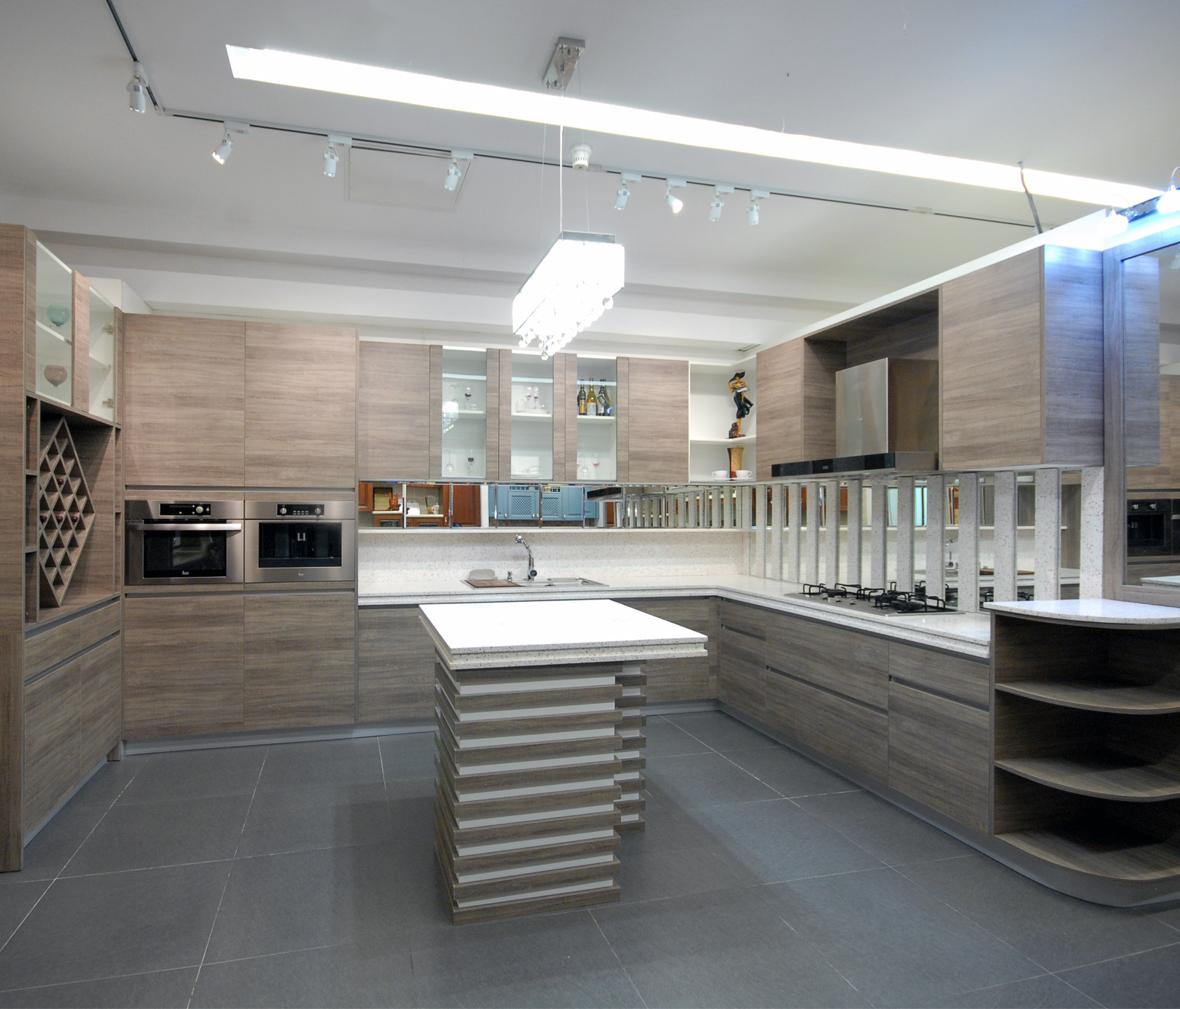 箭牌橱柜 宝马世家系列 芮铂板门板 阻尼抽屉三副 整体厨房 定制橱柜